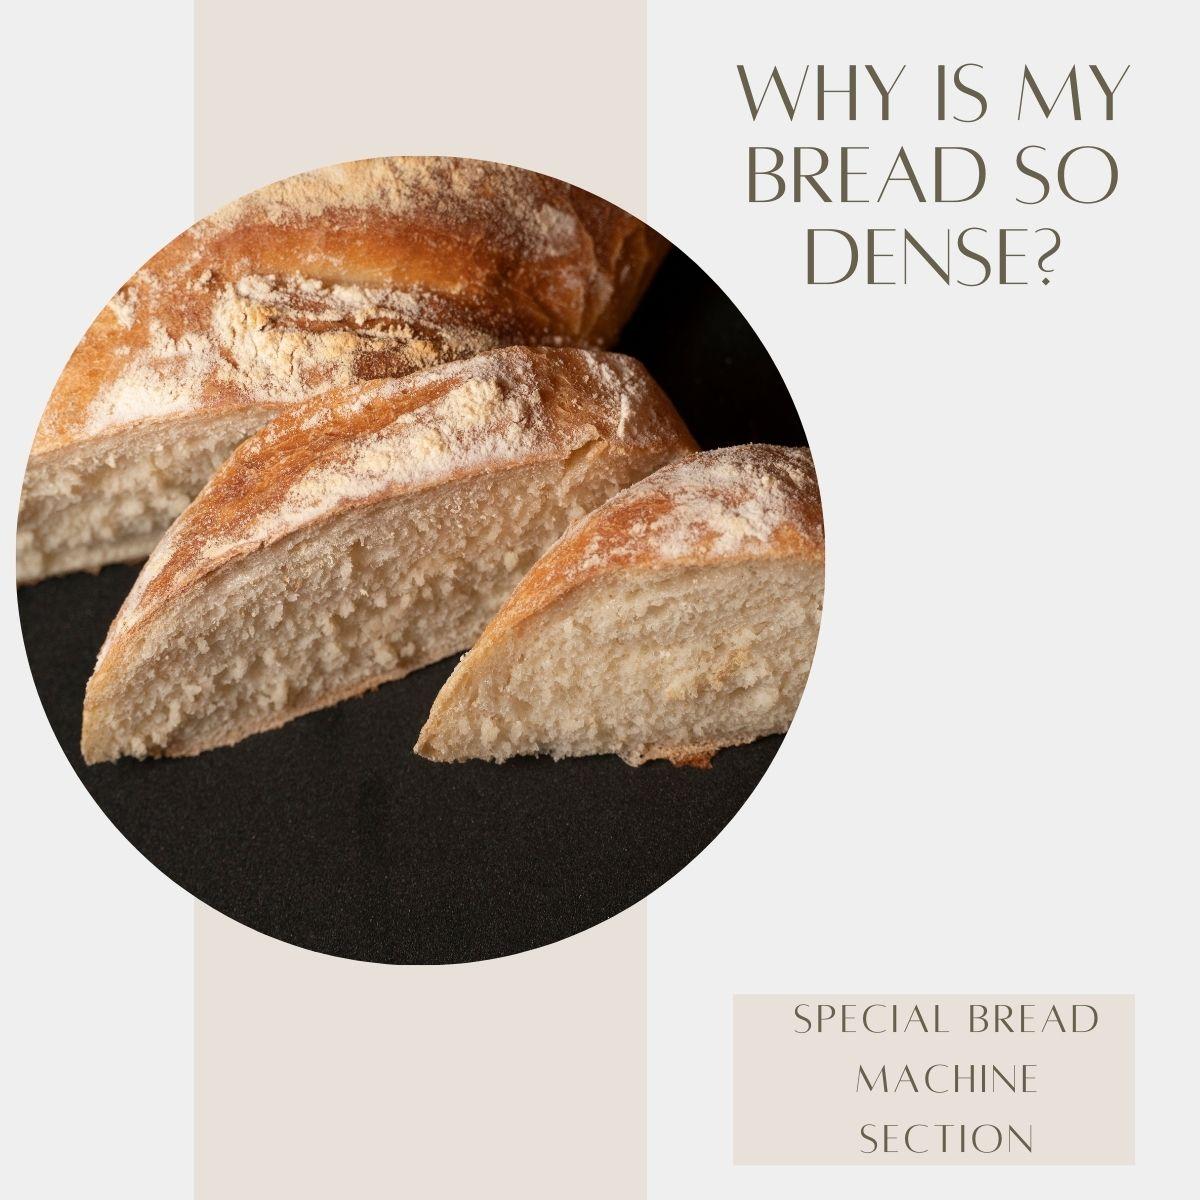 picture of dense bread